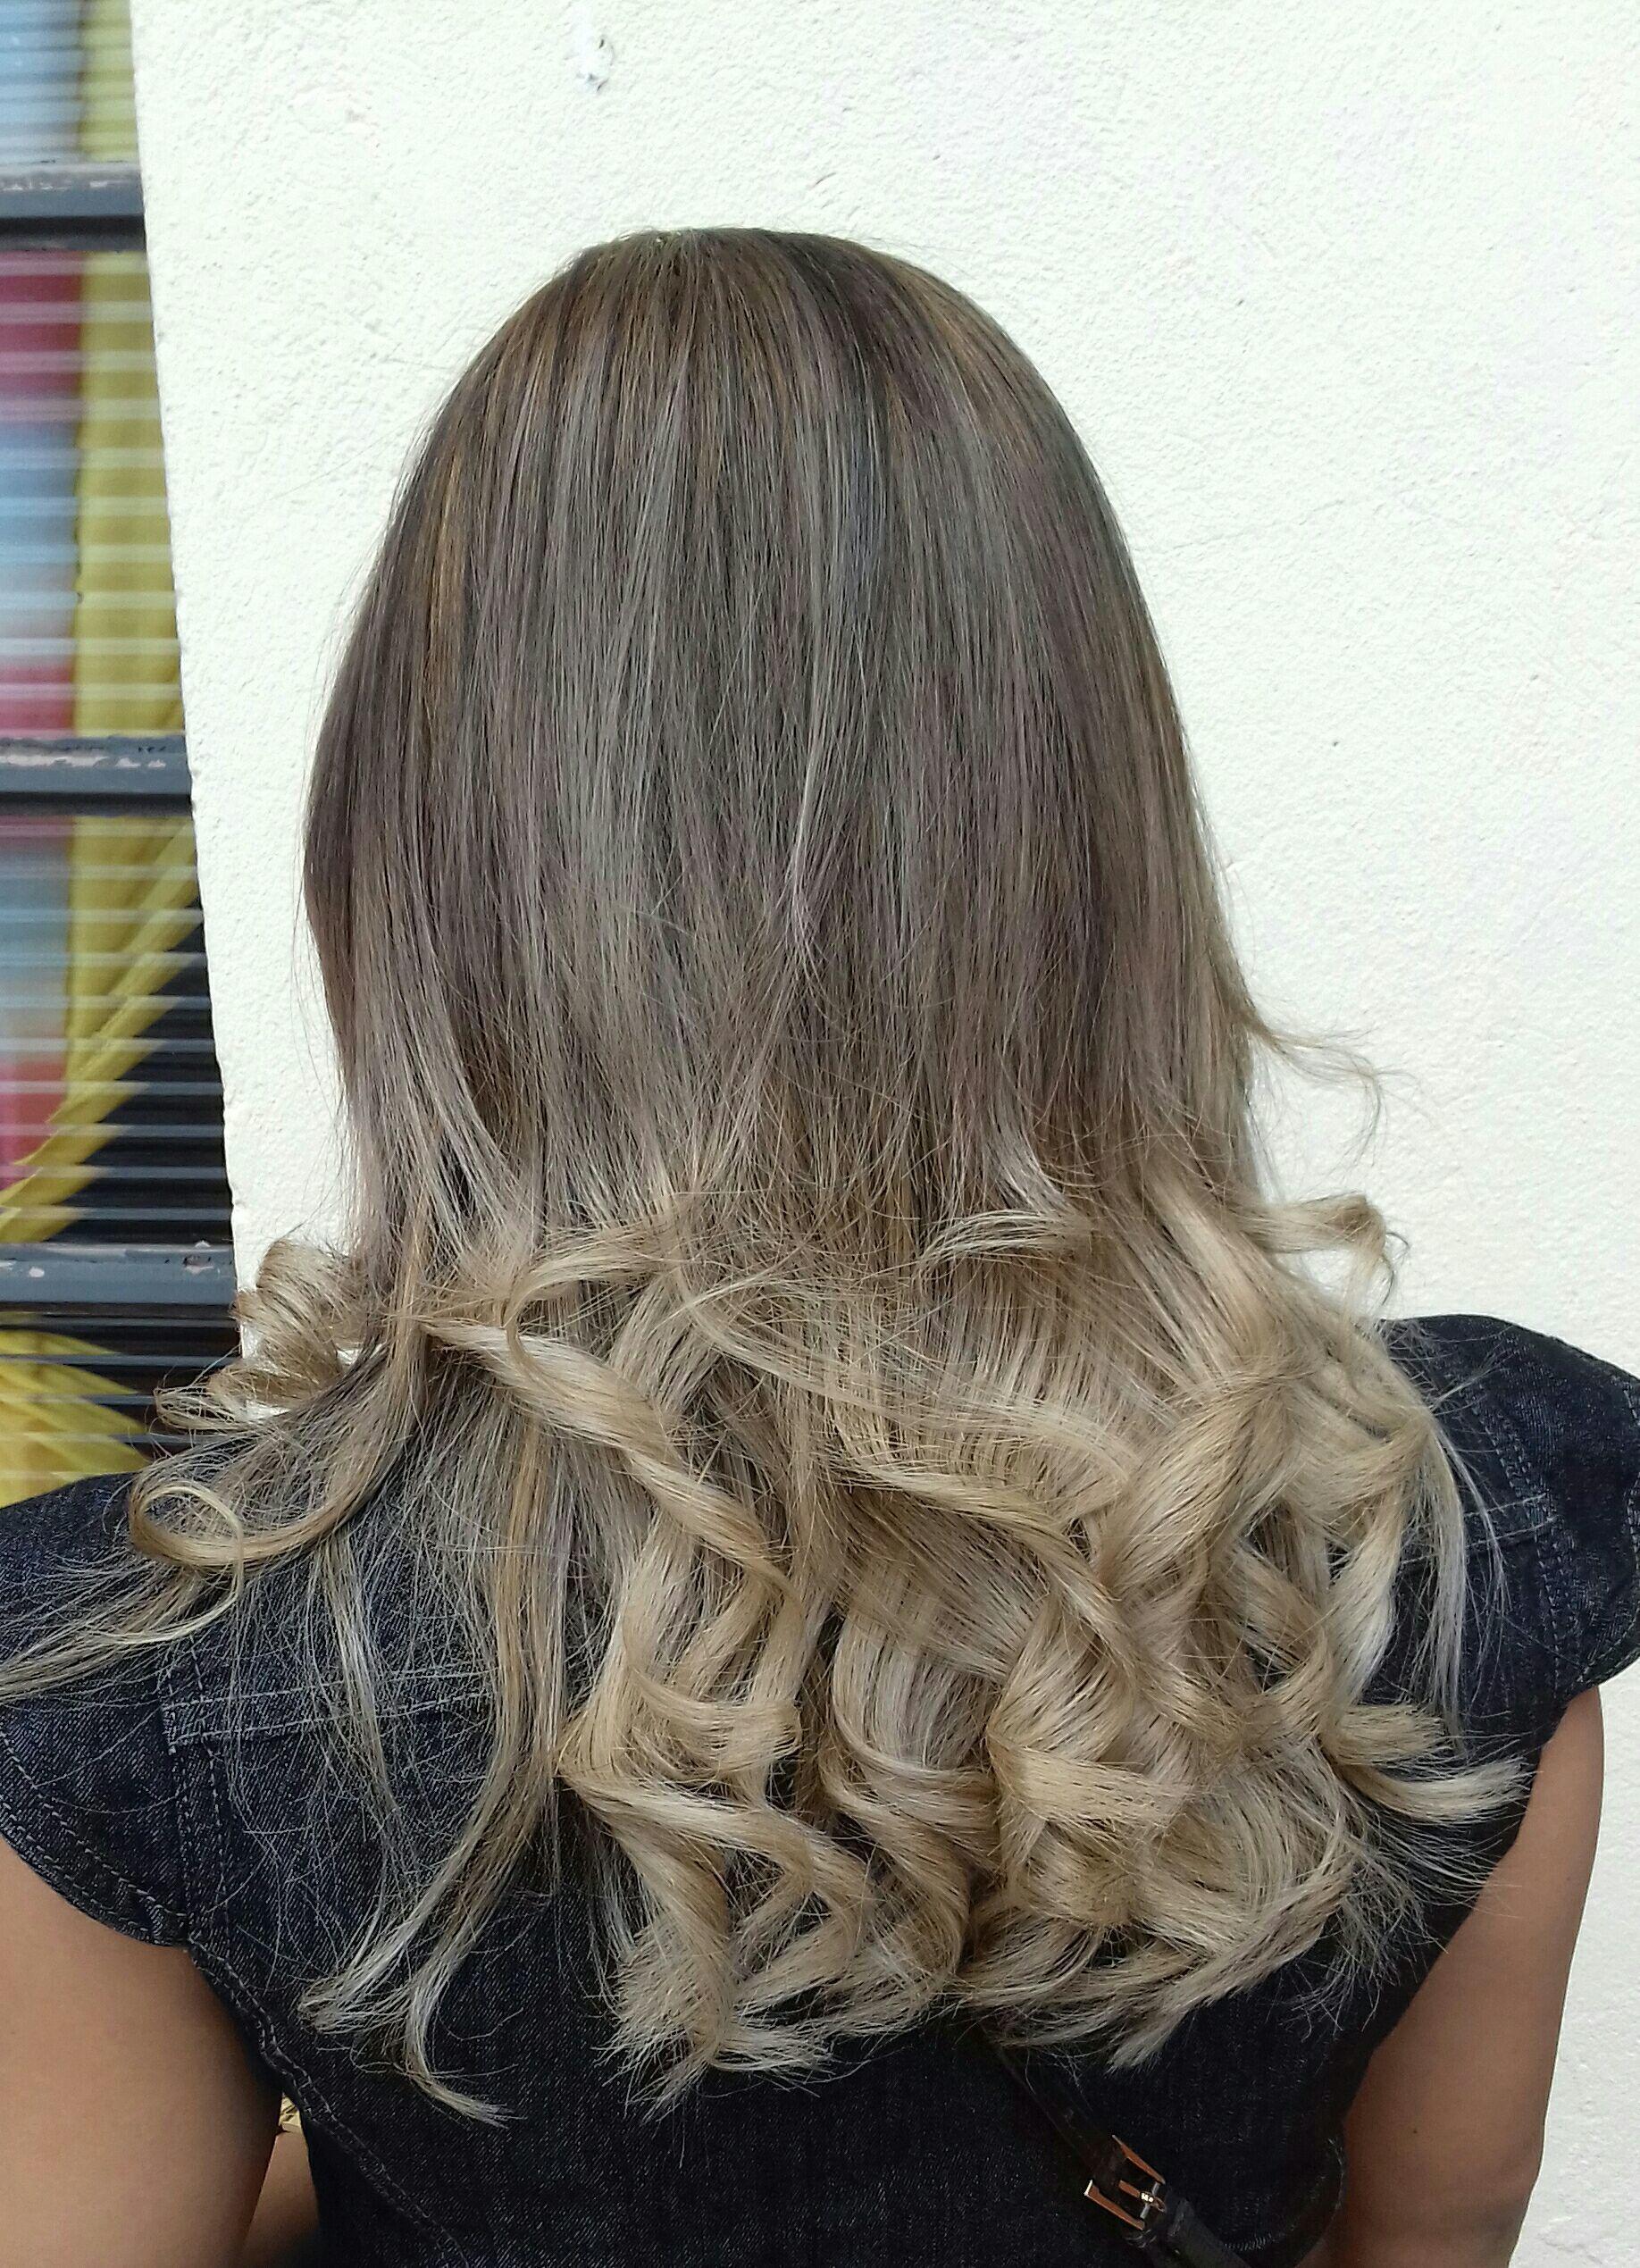 Esse cabelo foi feito ombre hair com as pontas mais clara num tom de bege! cabelo cabeleireiro(a) maquiador(a) cabeleireiro(a)